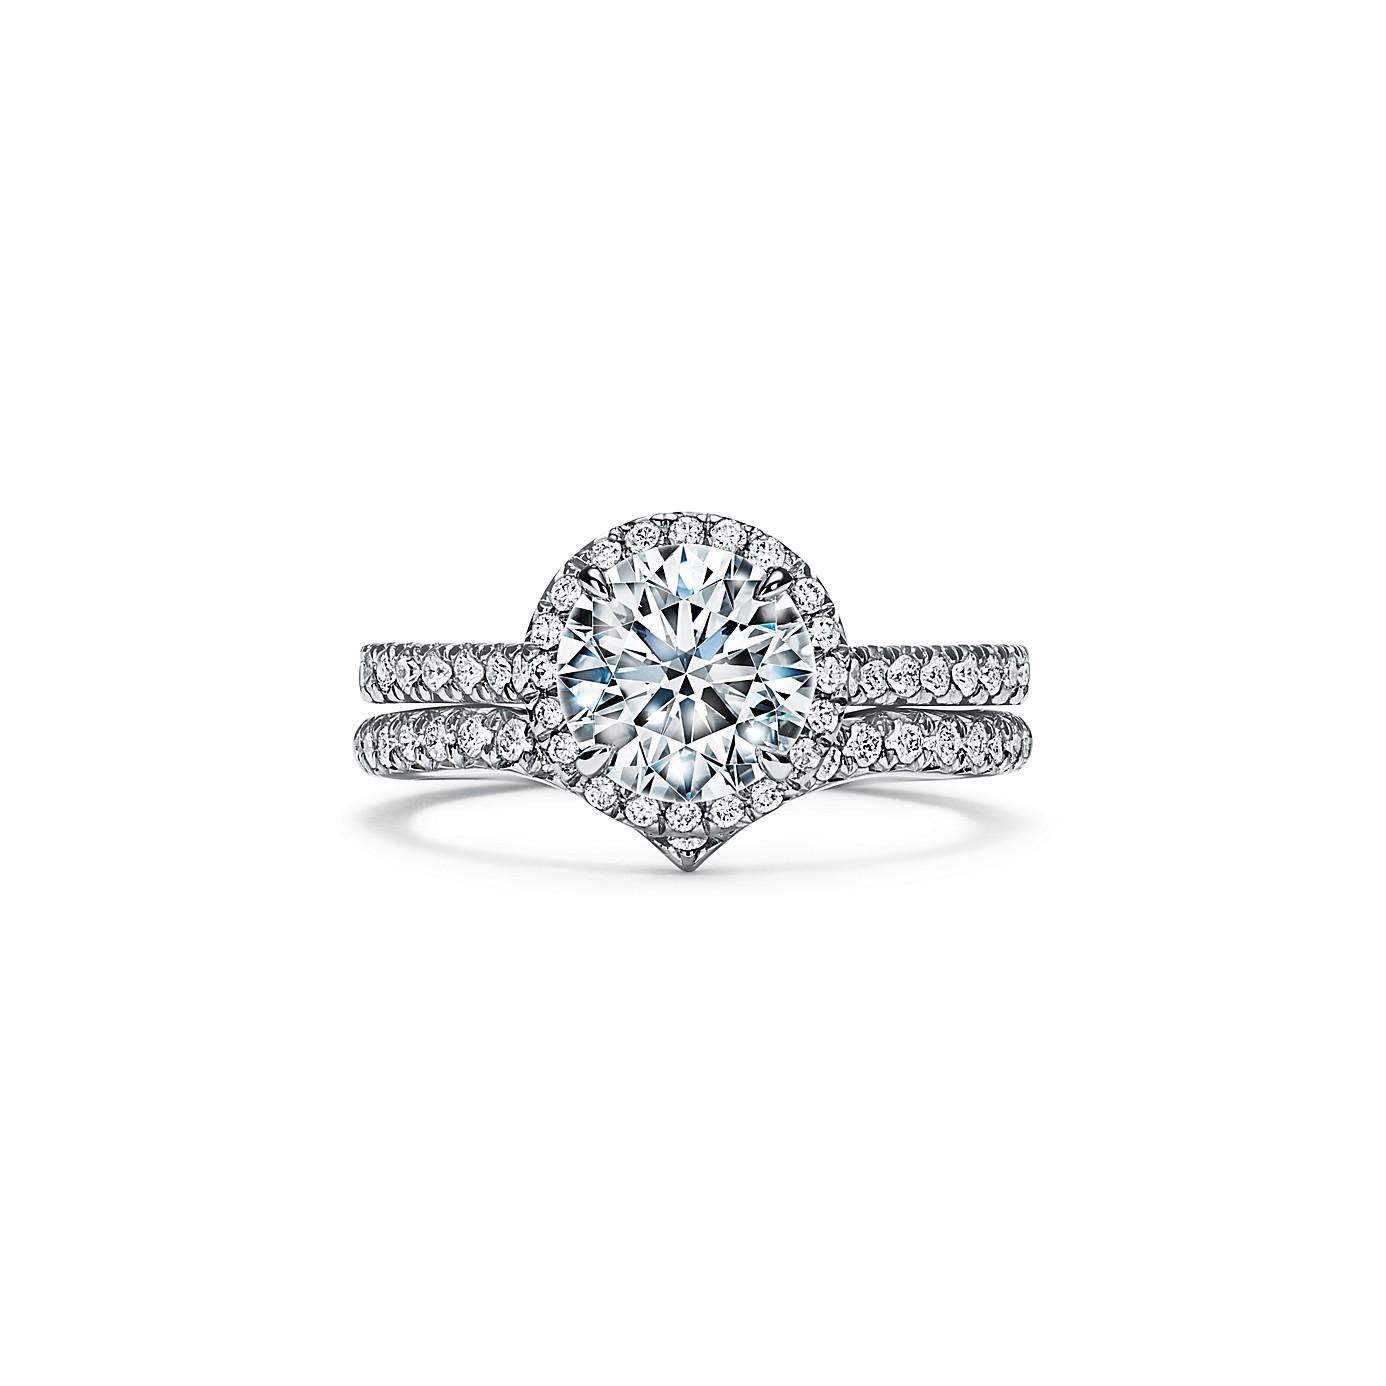 ティファニー ソレスト ラウンド ブリリアント エンゲージメント リング(4)―Tiffany & Co.(ティファニー)